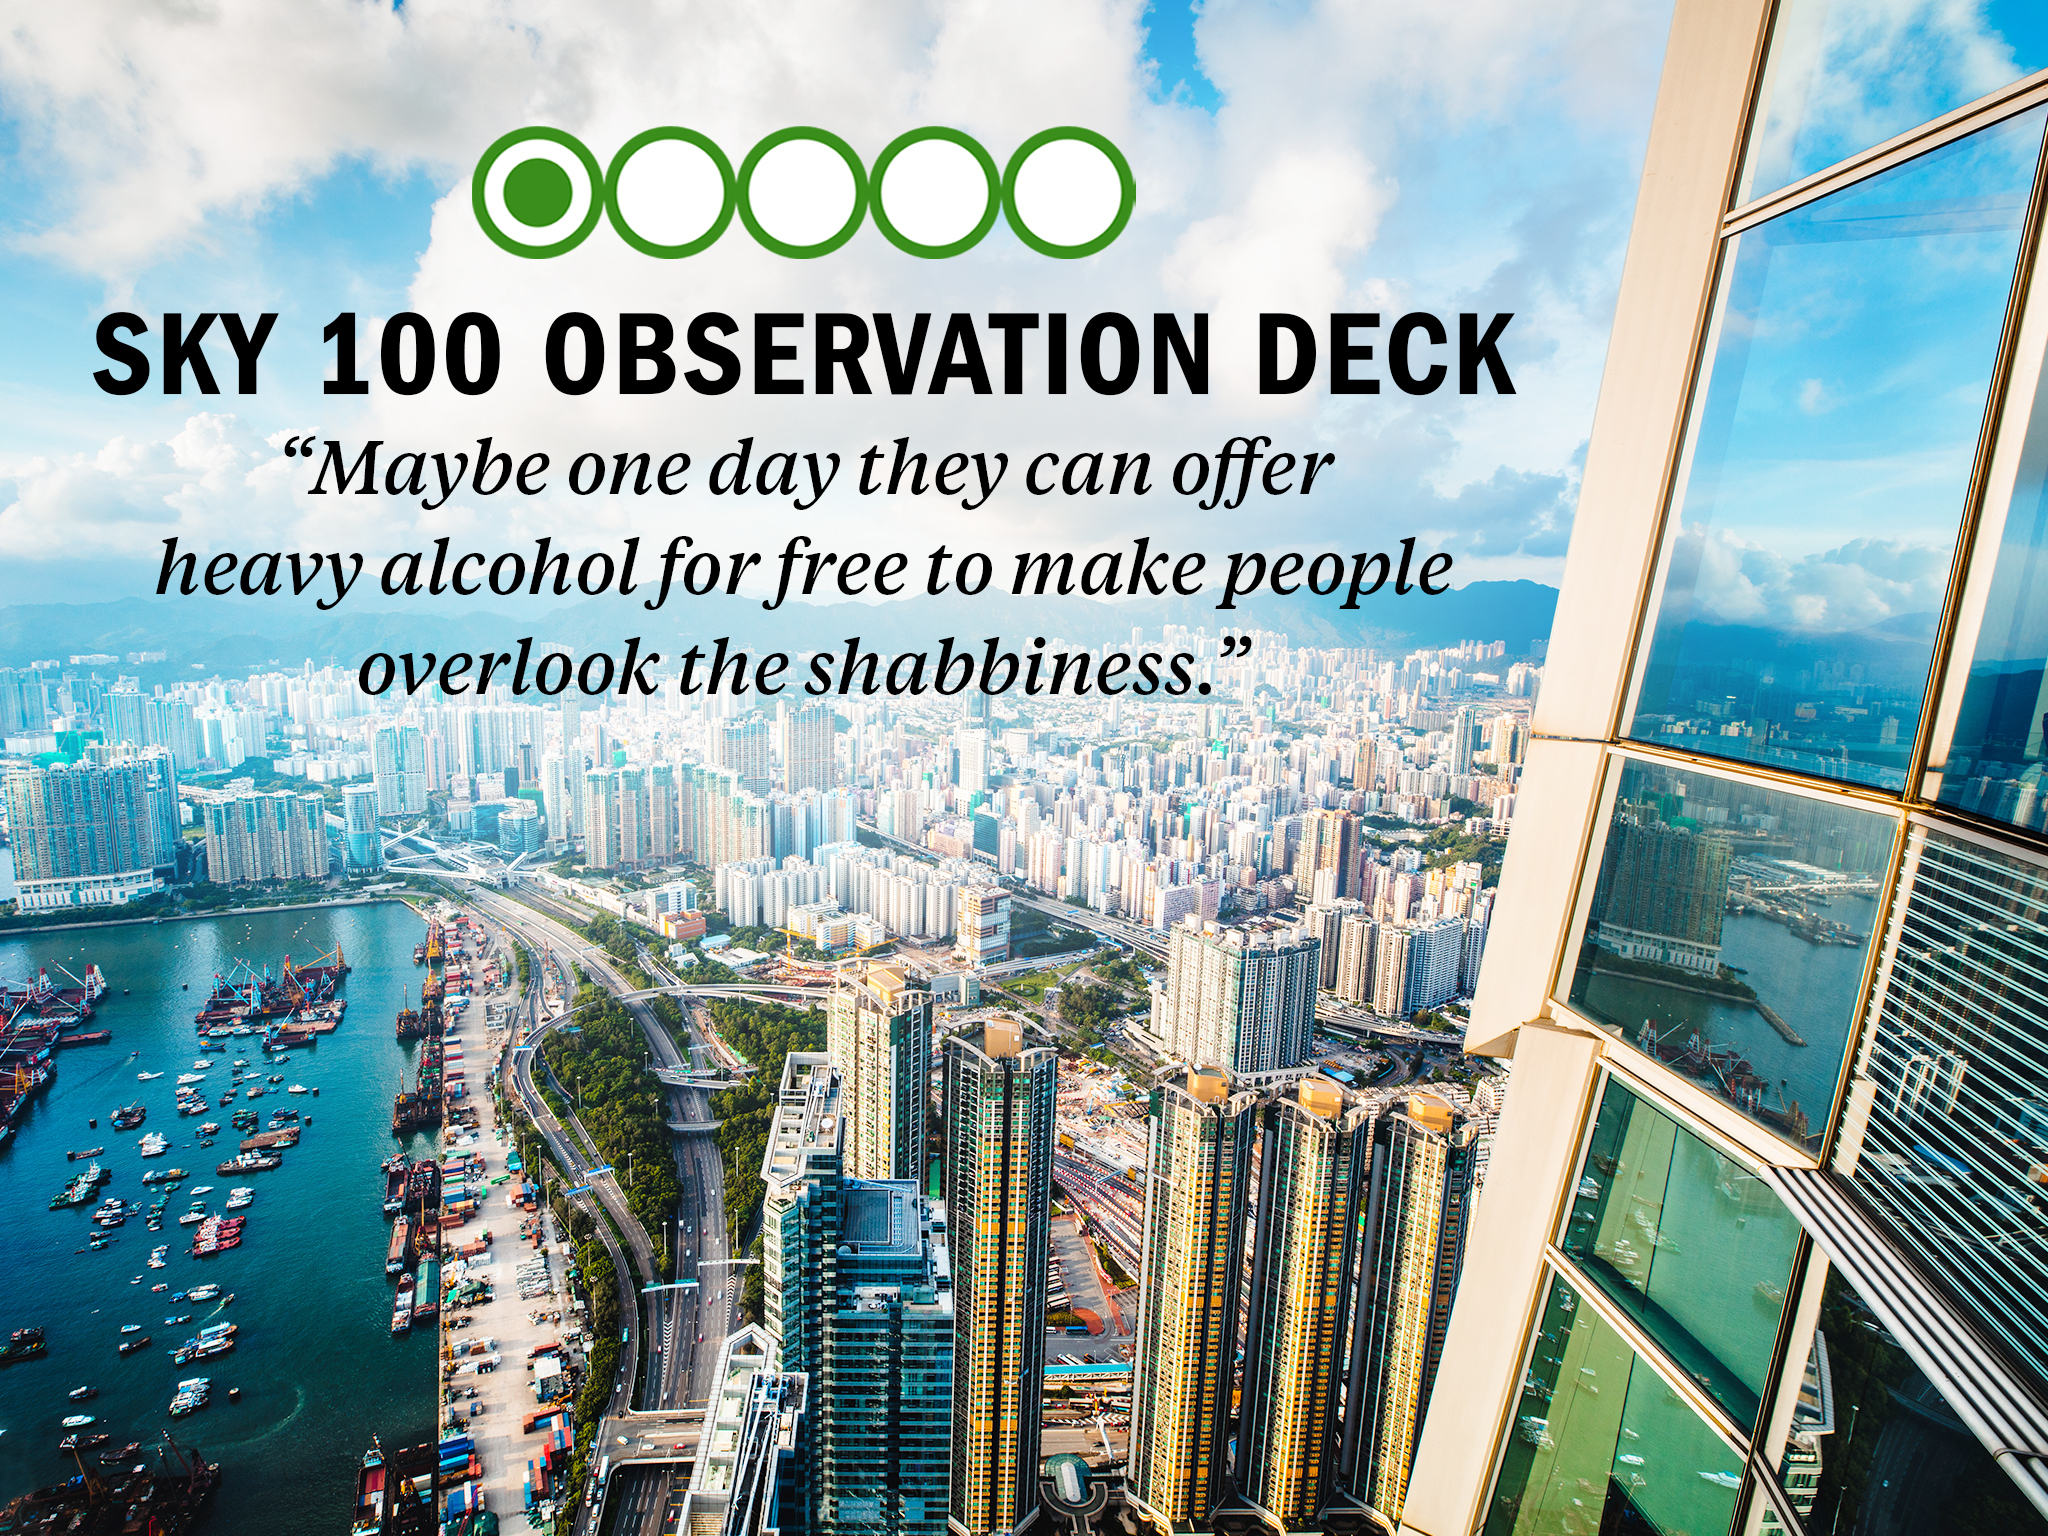 Sky 100 Observation Deck